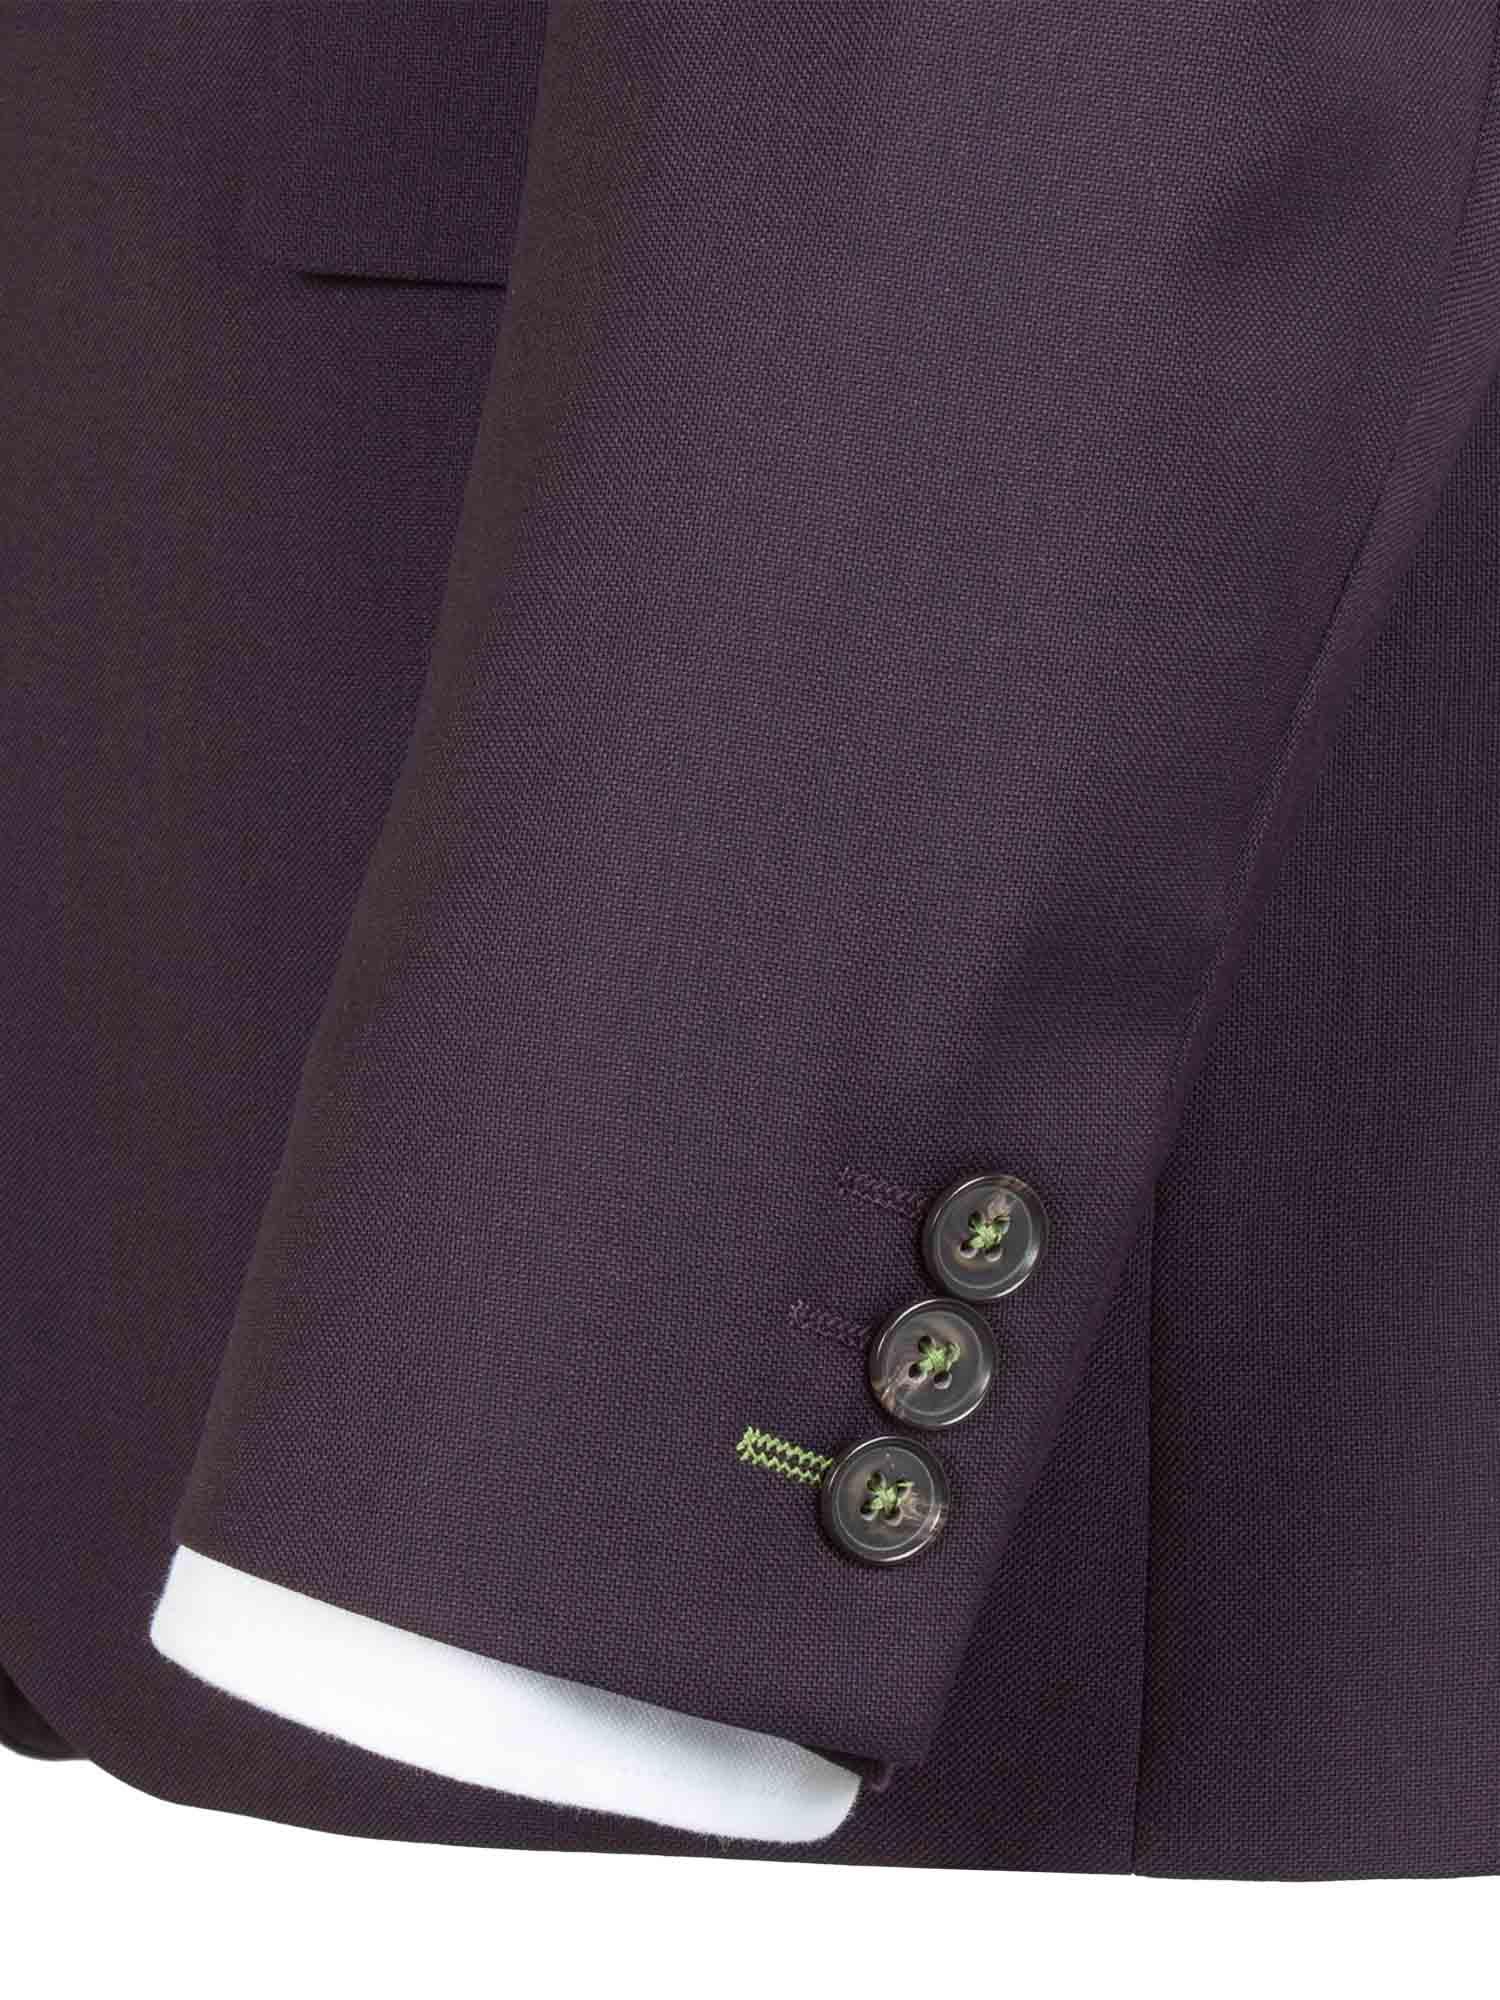 Burgandy Suit